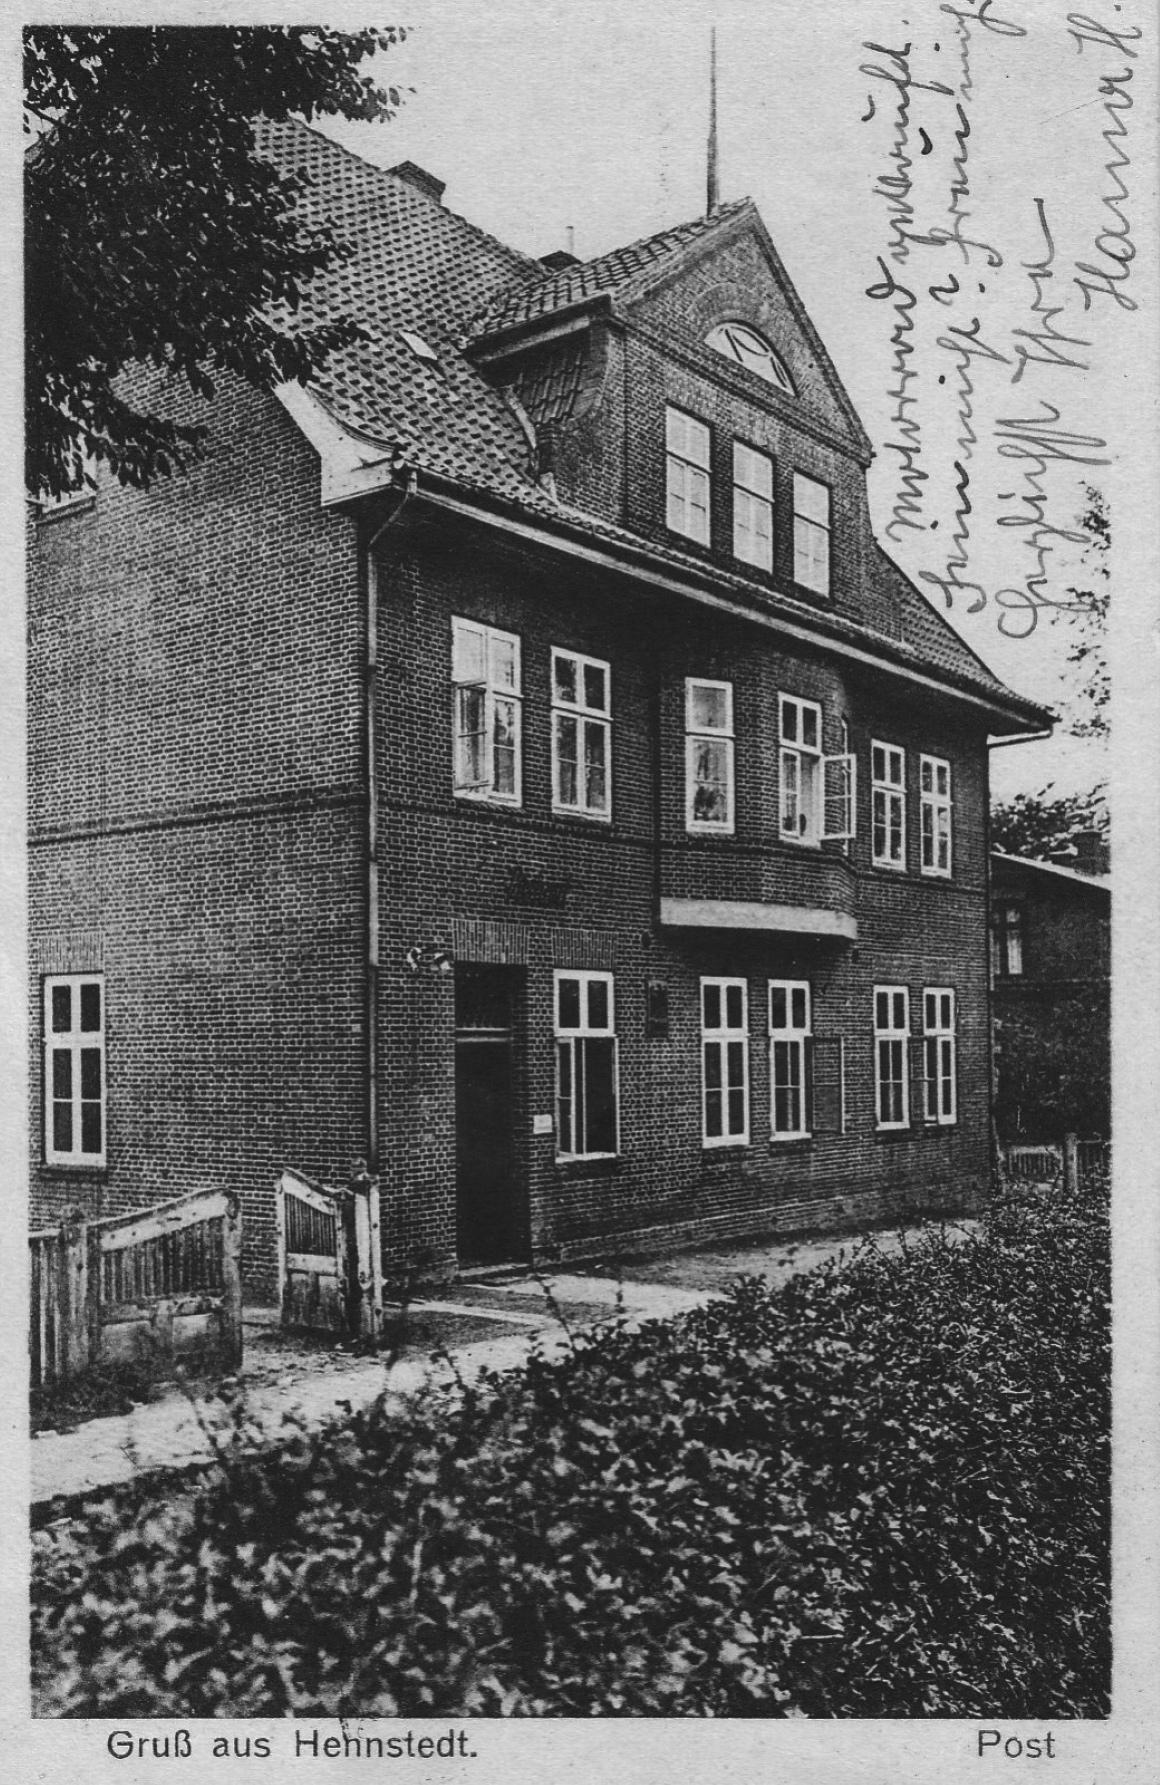 dorf_bilder/Chronik-Hennstedt-58-2.jpg